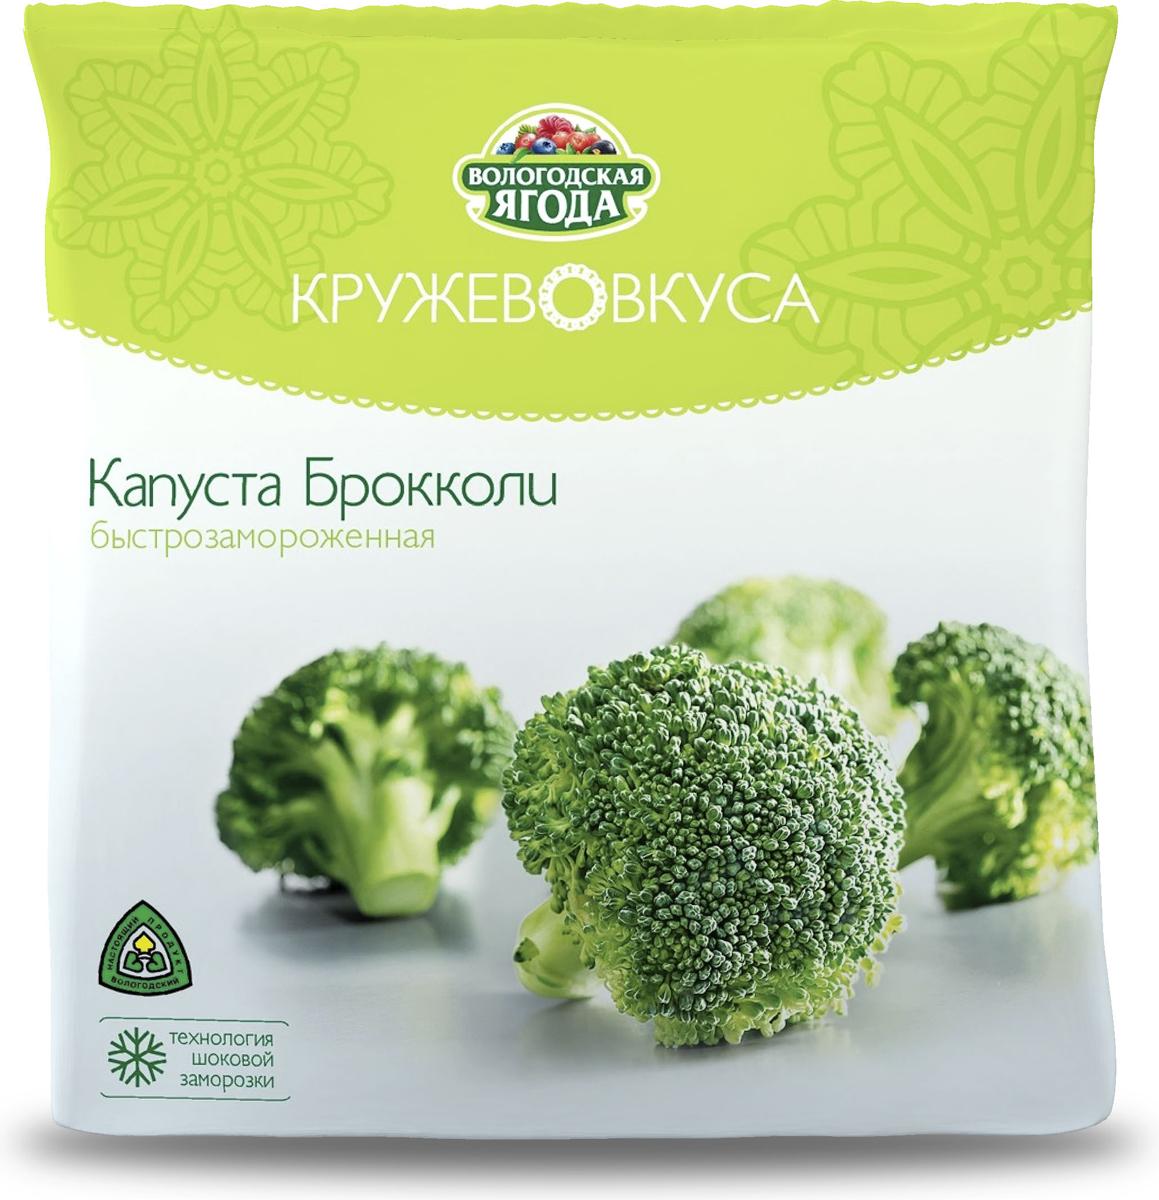 Кружево Вкуса Капуста брокколи, 400 гУТ000000125Капуста брокколи – разновидность цветной капусты, она известна как источник полезных веществ. В замороженном виде – это полуфабрикат, удобный для приготовления быстрых и сытных блюд. Полезные свойства капусты брокколи ТМ Кружево вкуса обусловлены высоким содержанием в ней полезных и активных веществ – каждый из компонентов выполняет свою функцию в организме, а в процессе взаимодействия друг с другом эти вещества способны улучшать и восстанавливать здоровье.